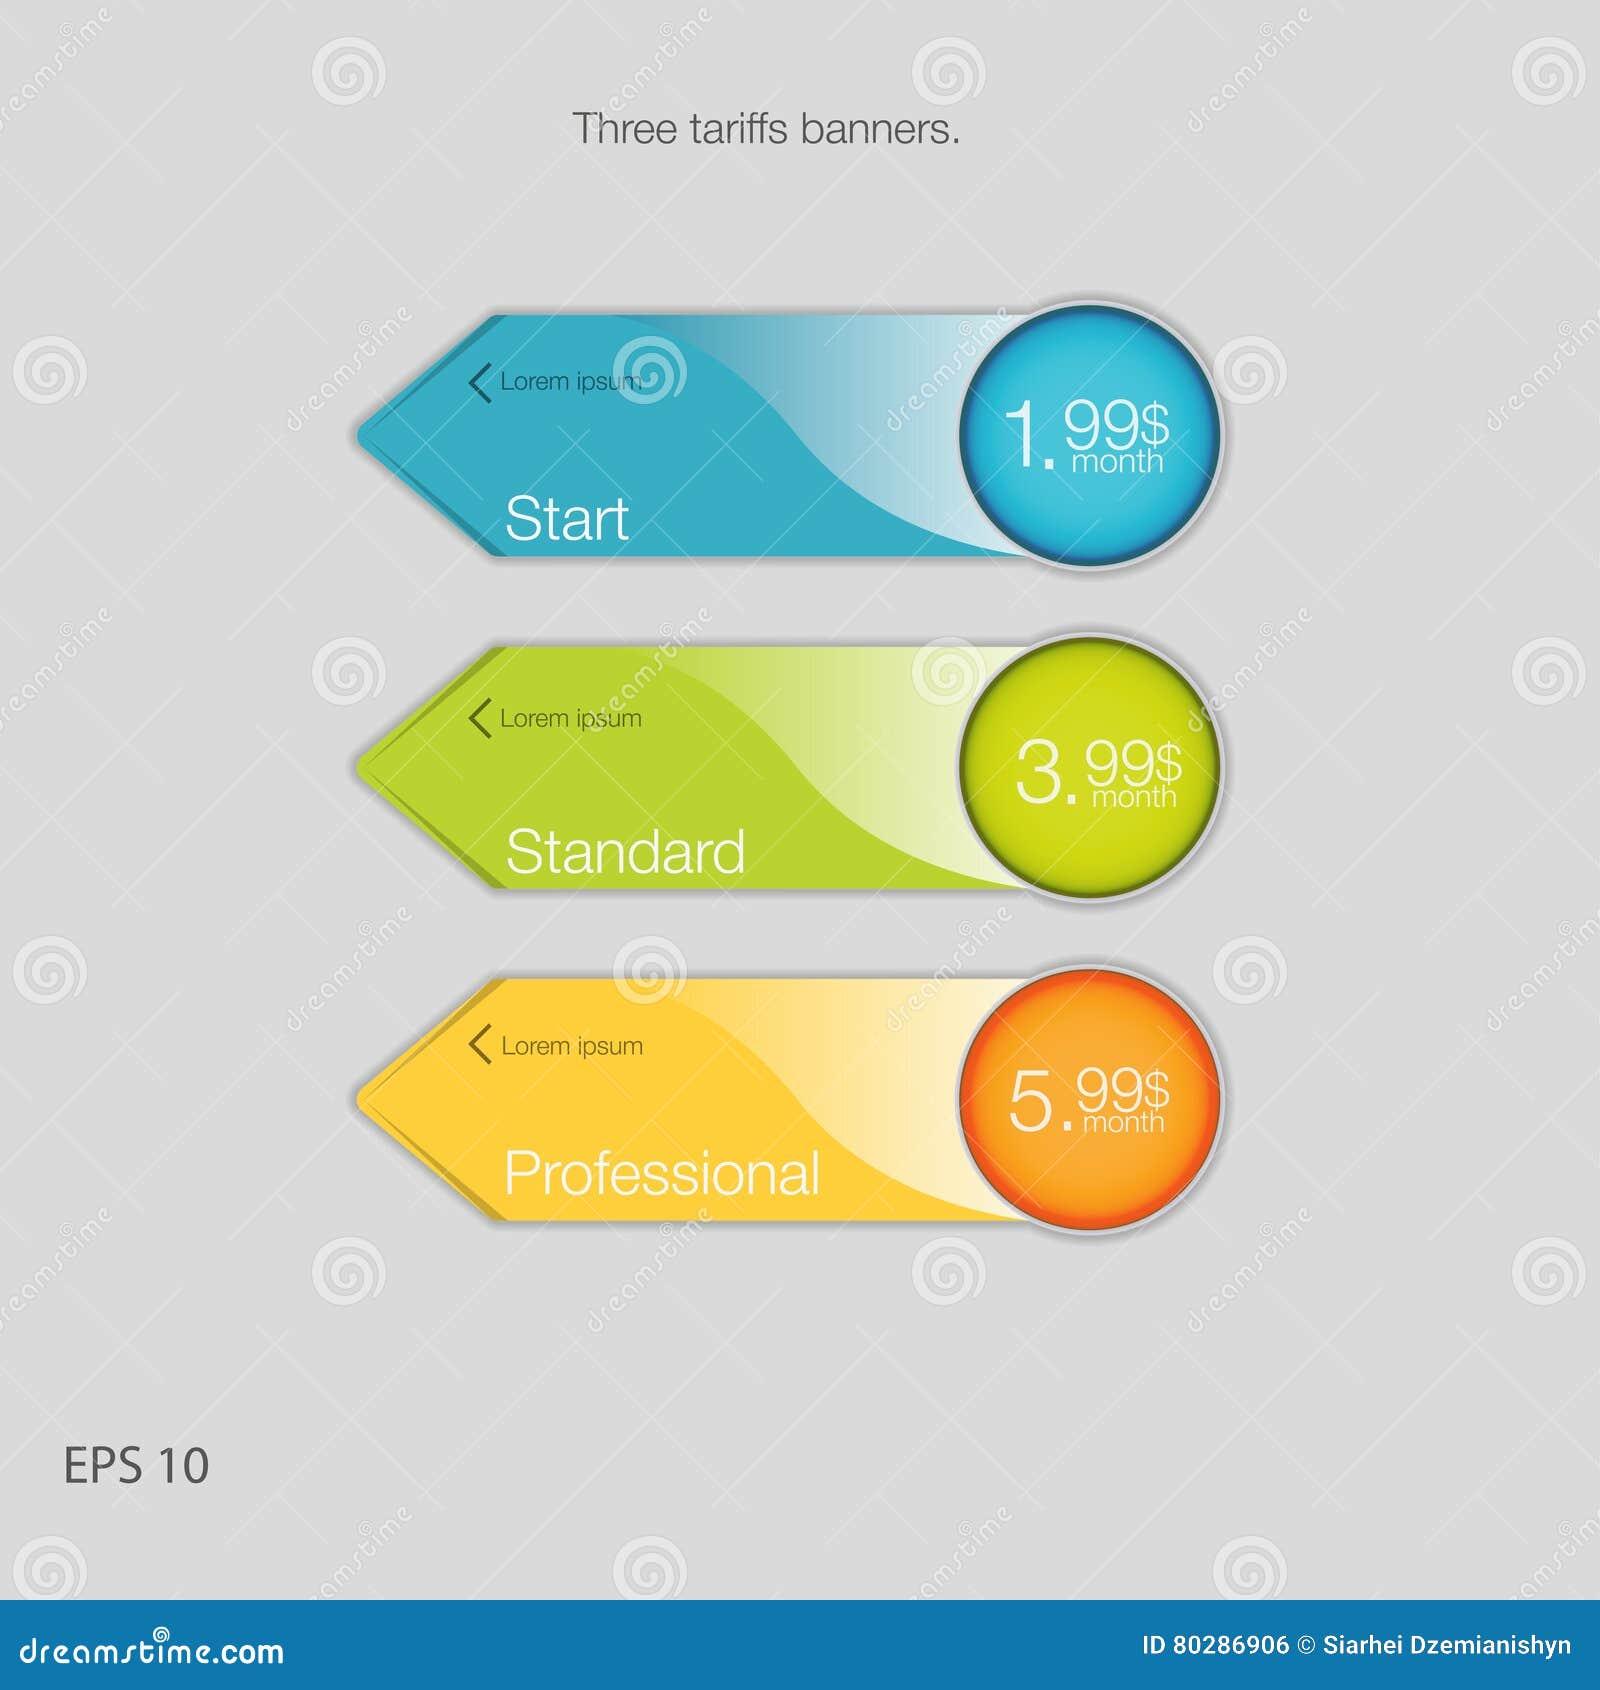 Τριπλό έμβλημα για τη φιλοξενία Τρία εμβλήματα δασμολογίων Πίνακας τιμολόγησης Ιστού Διανυσματικό σχέδιο για τον Ιστό app Ύφος βε